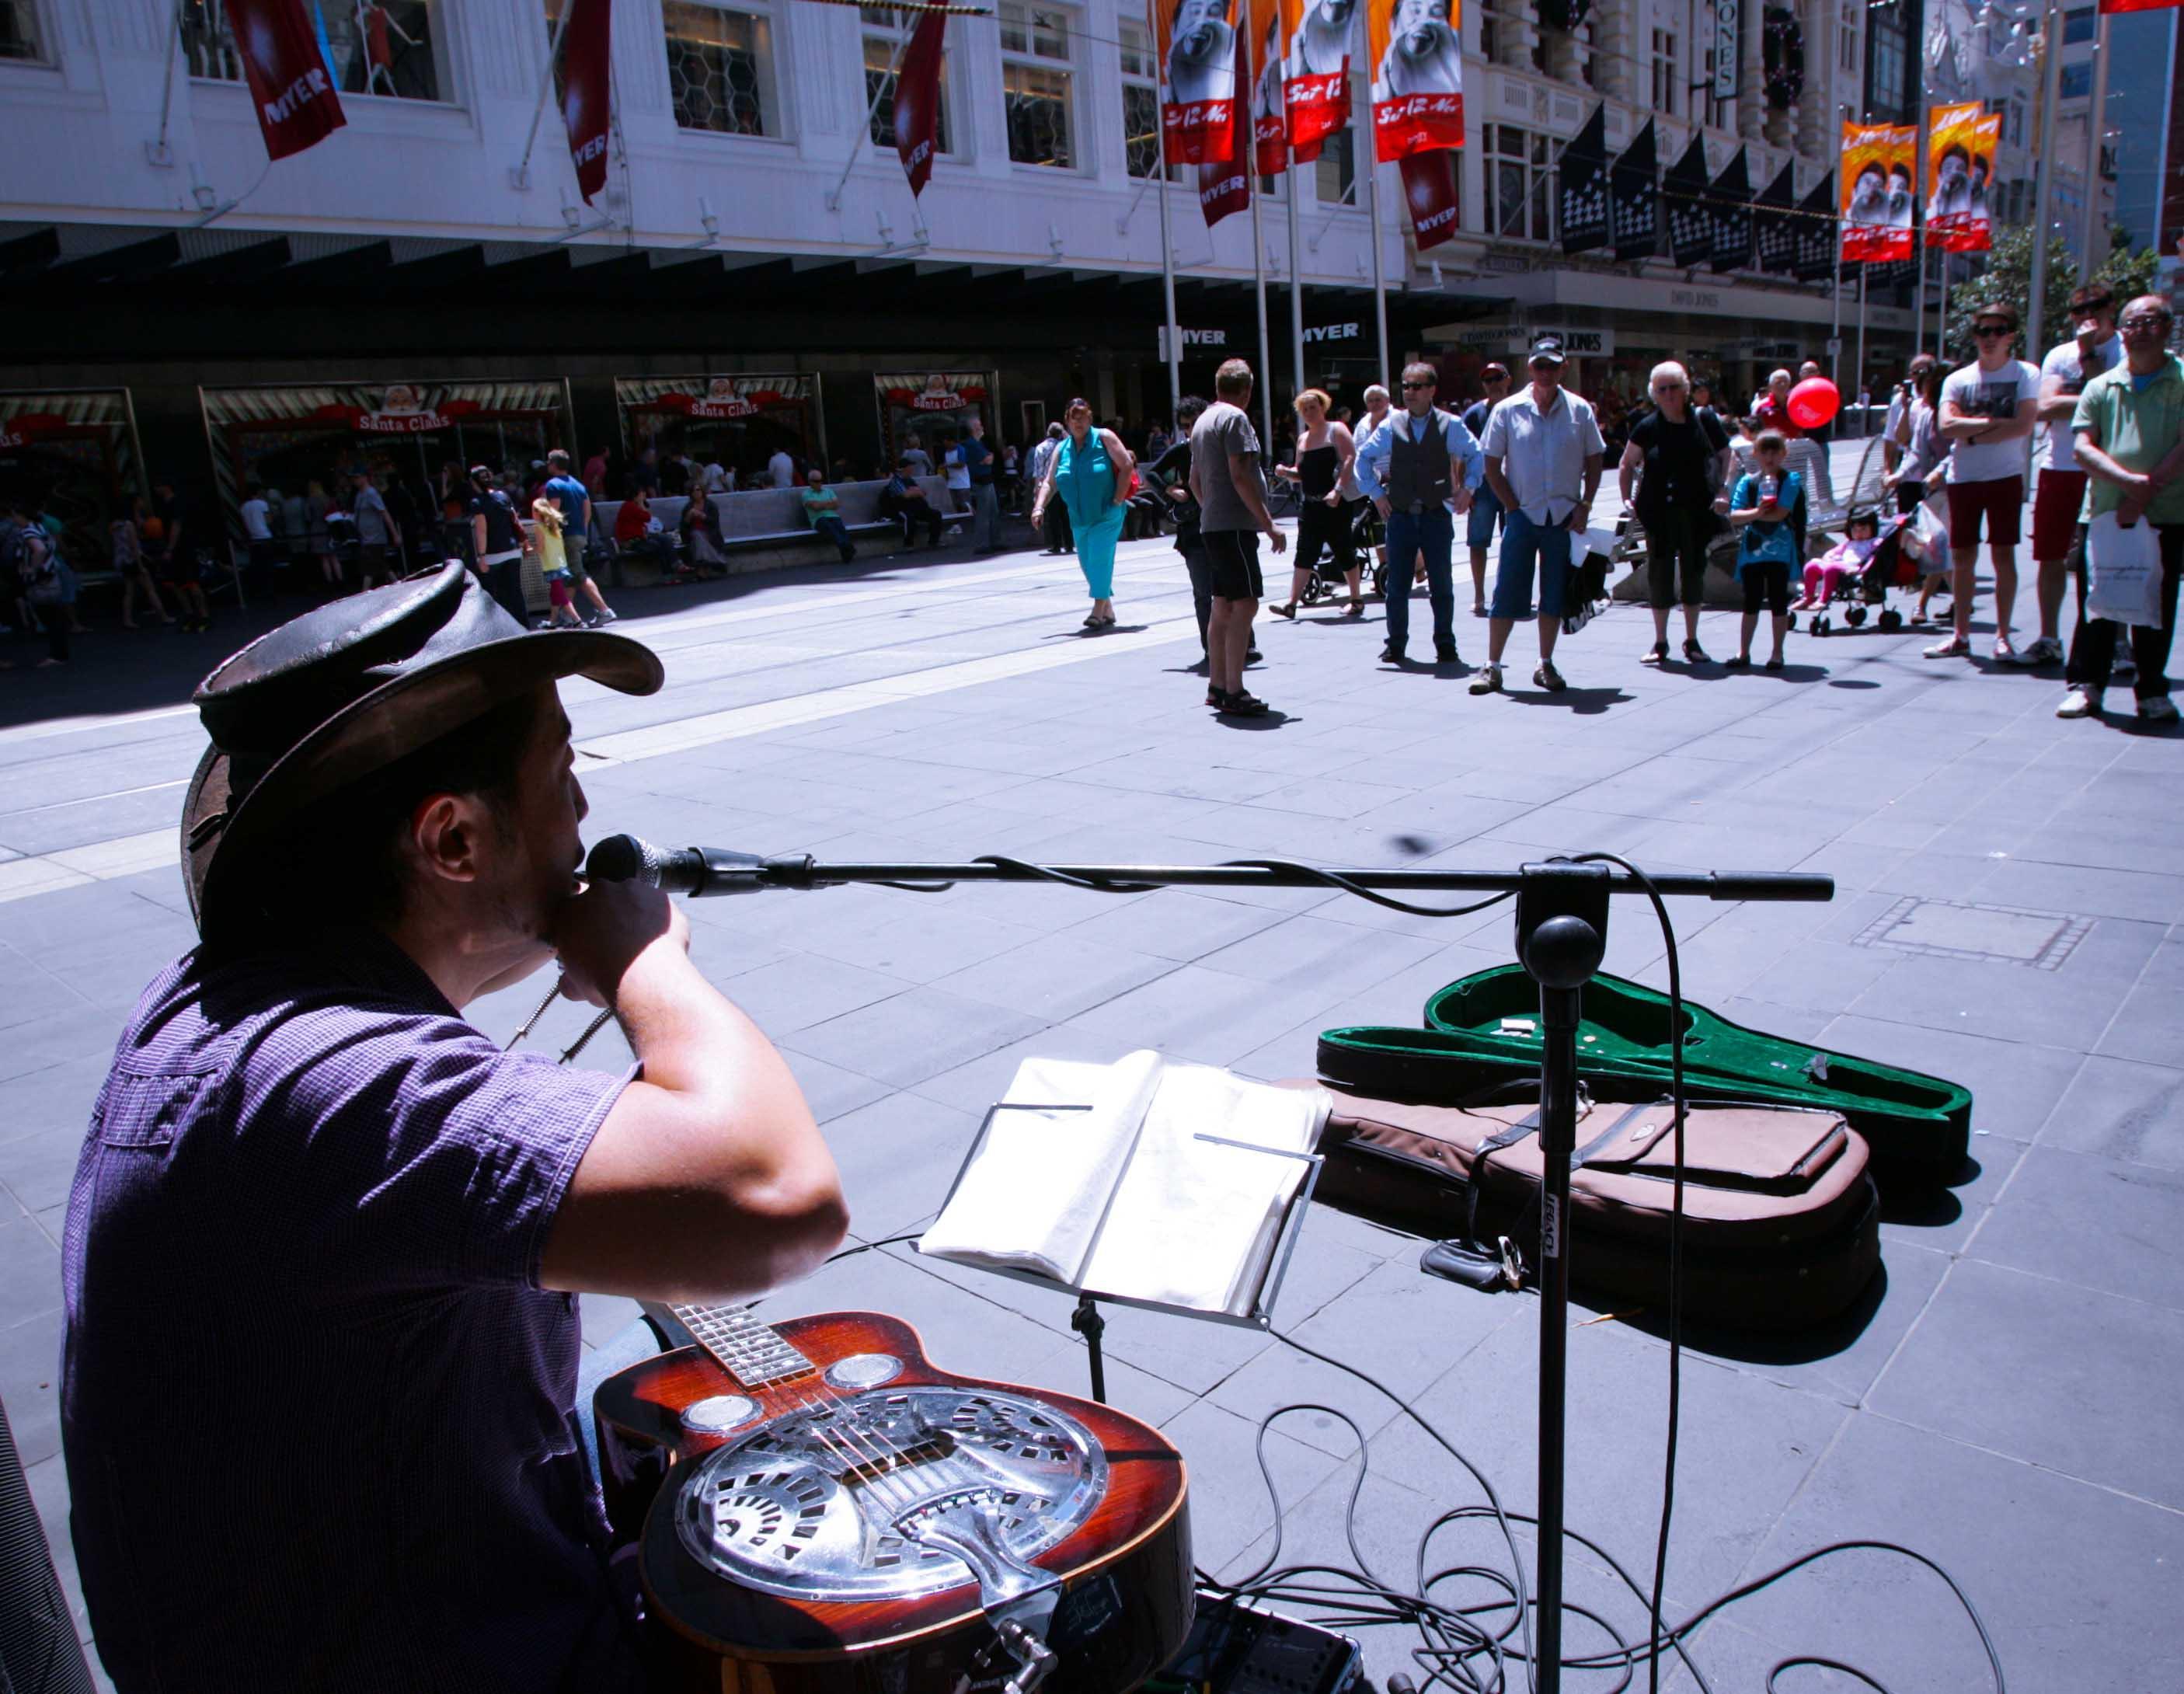 Không chỉ những nghệ sỹ hình thể trình diễn, các nghệ sỹ hát rong mang âm nhạc làm rộn ràng khắp các con phố. Giọng ca, tiếng đàn của họ hay không kém các buổi trình diễn chuyên nghiệp và bạn chỉ cần ủng hộ bằng việc mua đĩa CD, hoặc bỏ vào hộp đàn vài đồng xu lẻ.